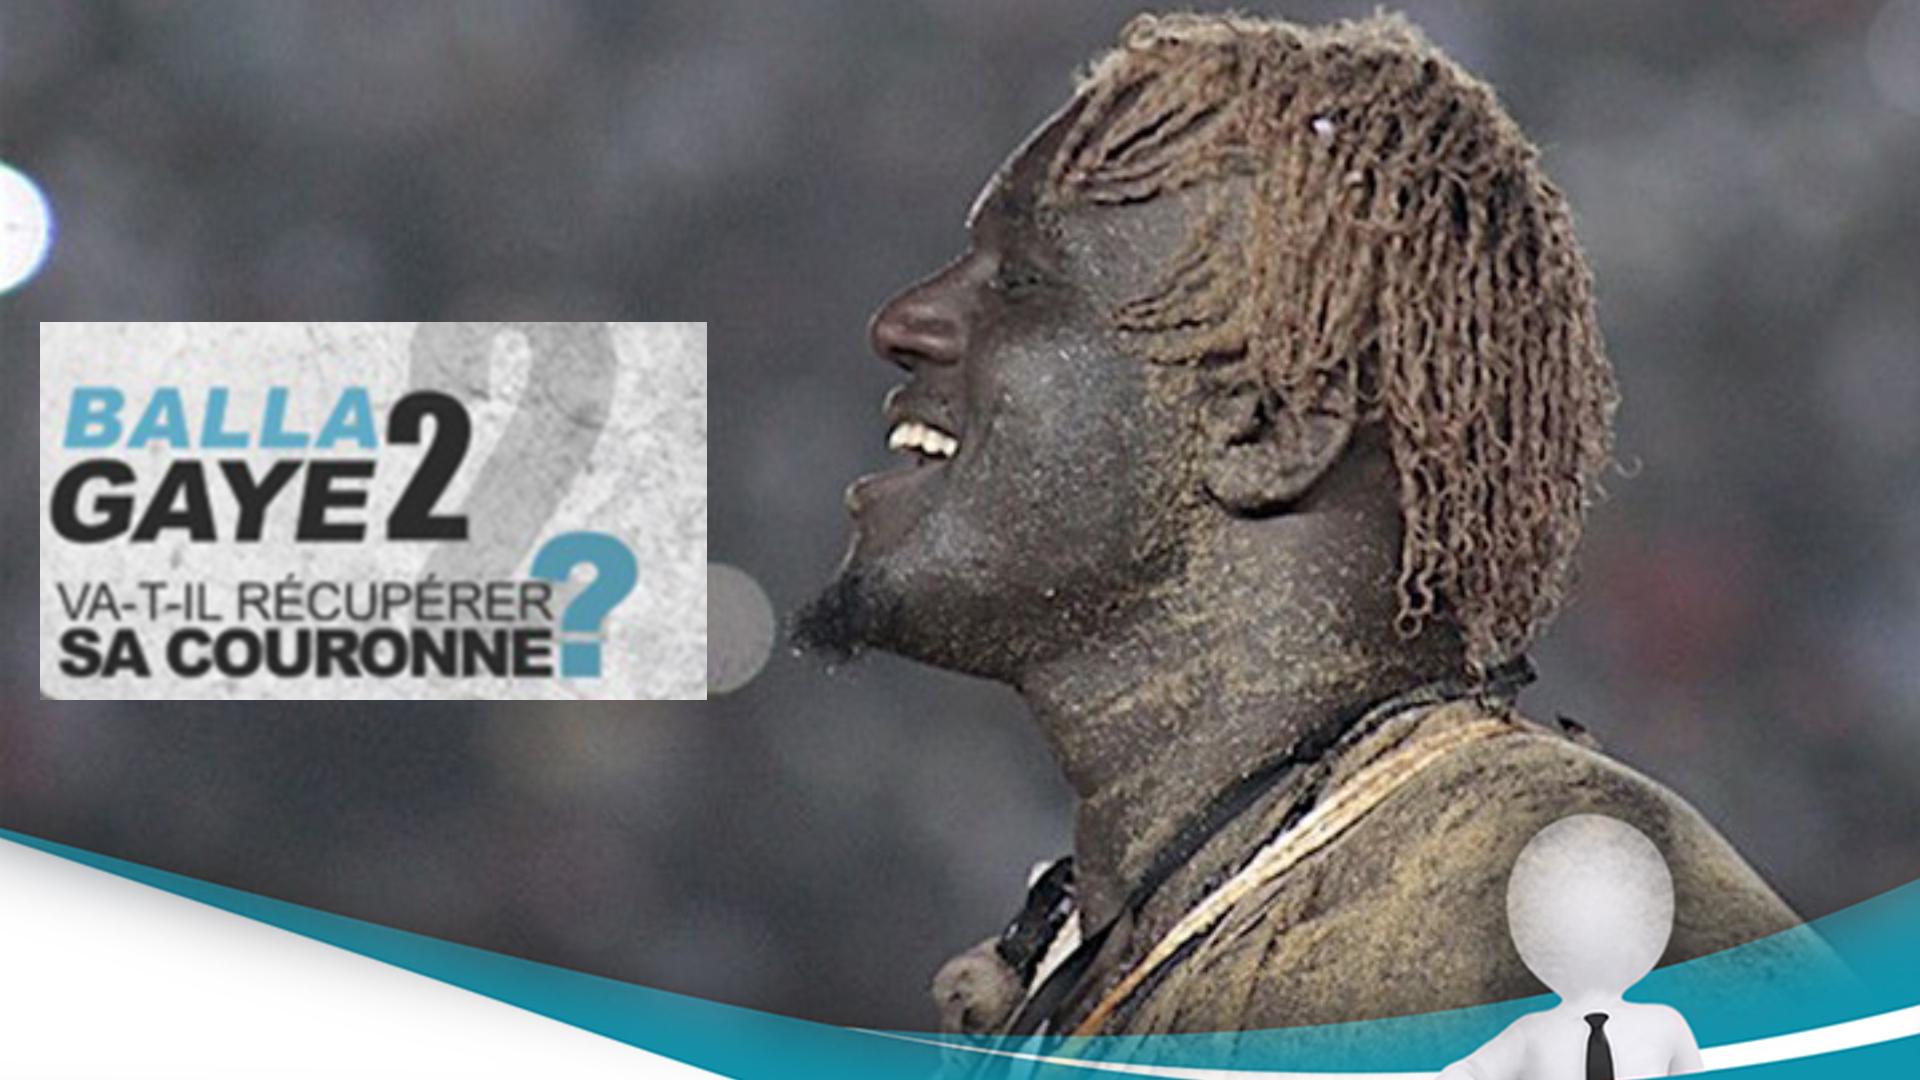 Le Lion de Guédiawaye est de retour : Balla Gaye 2 va-t-il récupérer sa couronne de roi des arènes ? (Décryptage Leral.net)